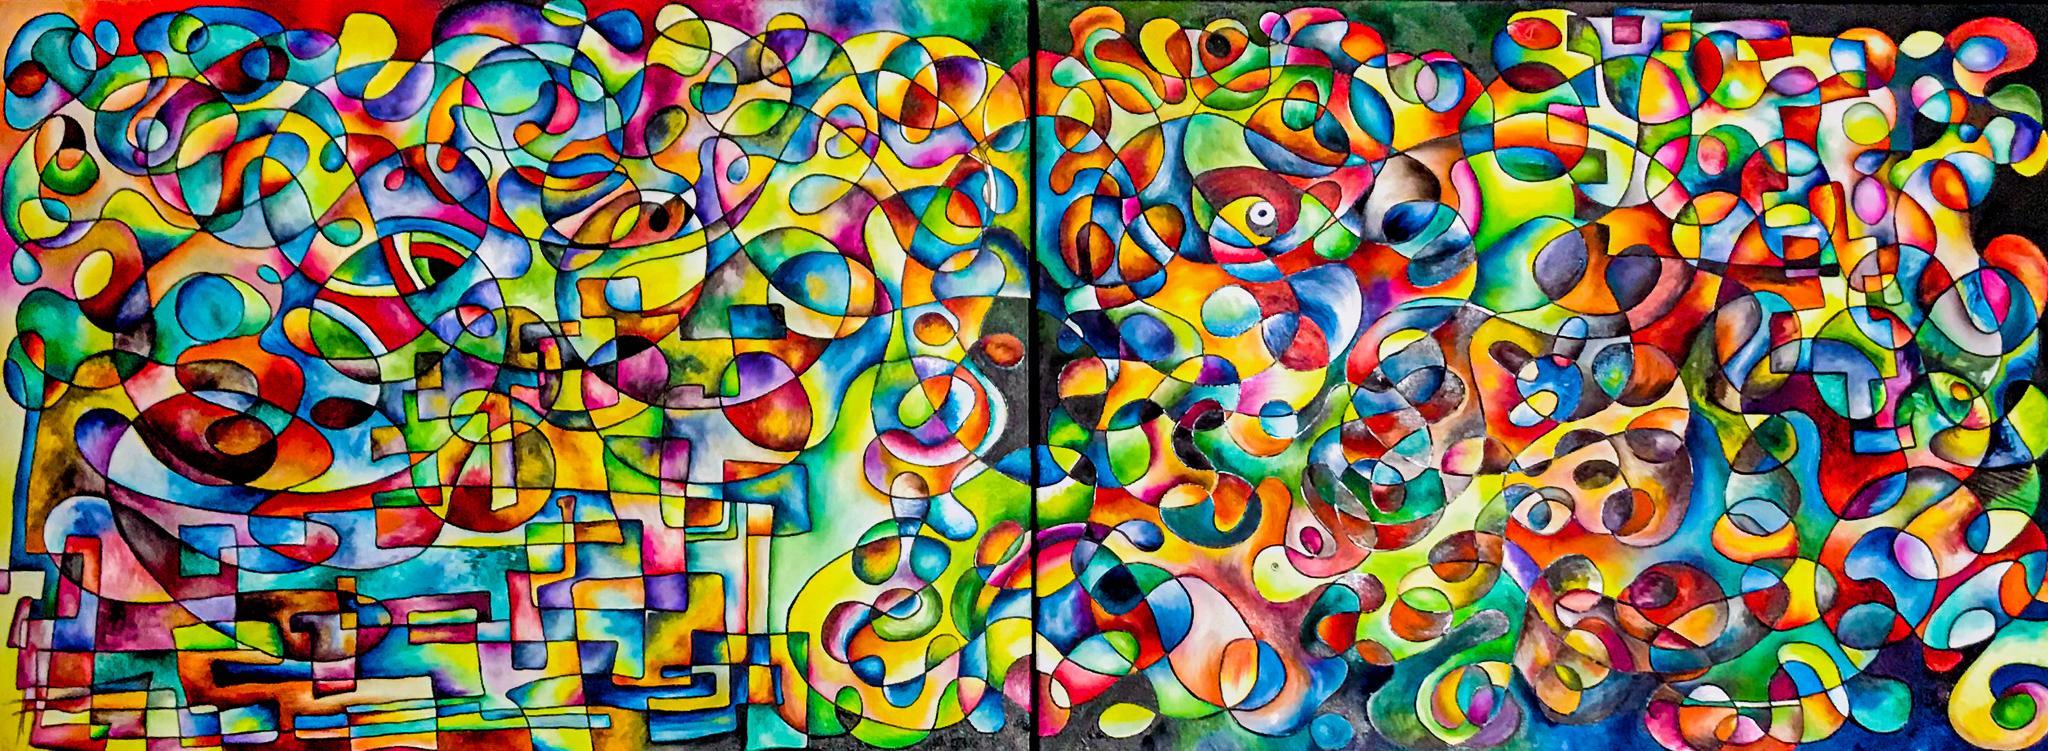 Zwei Leinwände für ein Bild - es pulsiert vor Farbe und Energie.